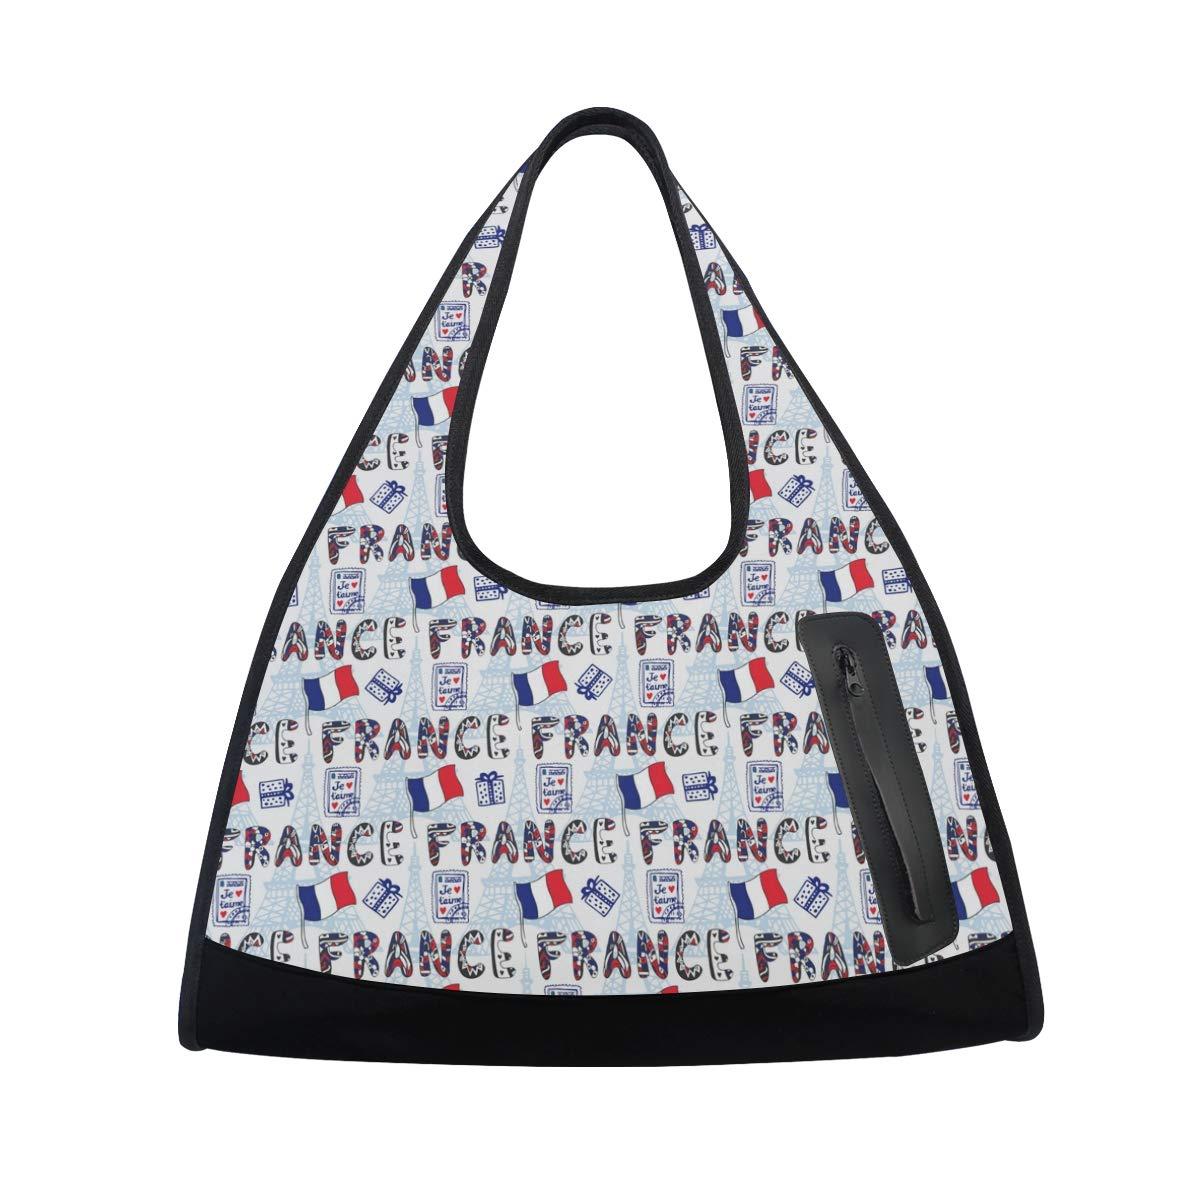 Amazon.com: Bolsa de tenis para raqueta, bolsa de bádminton ...